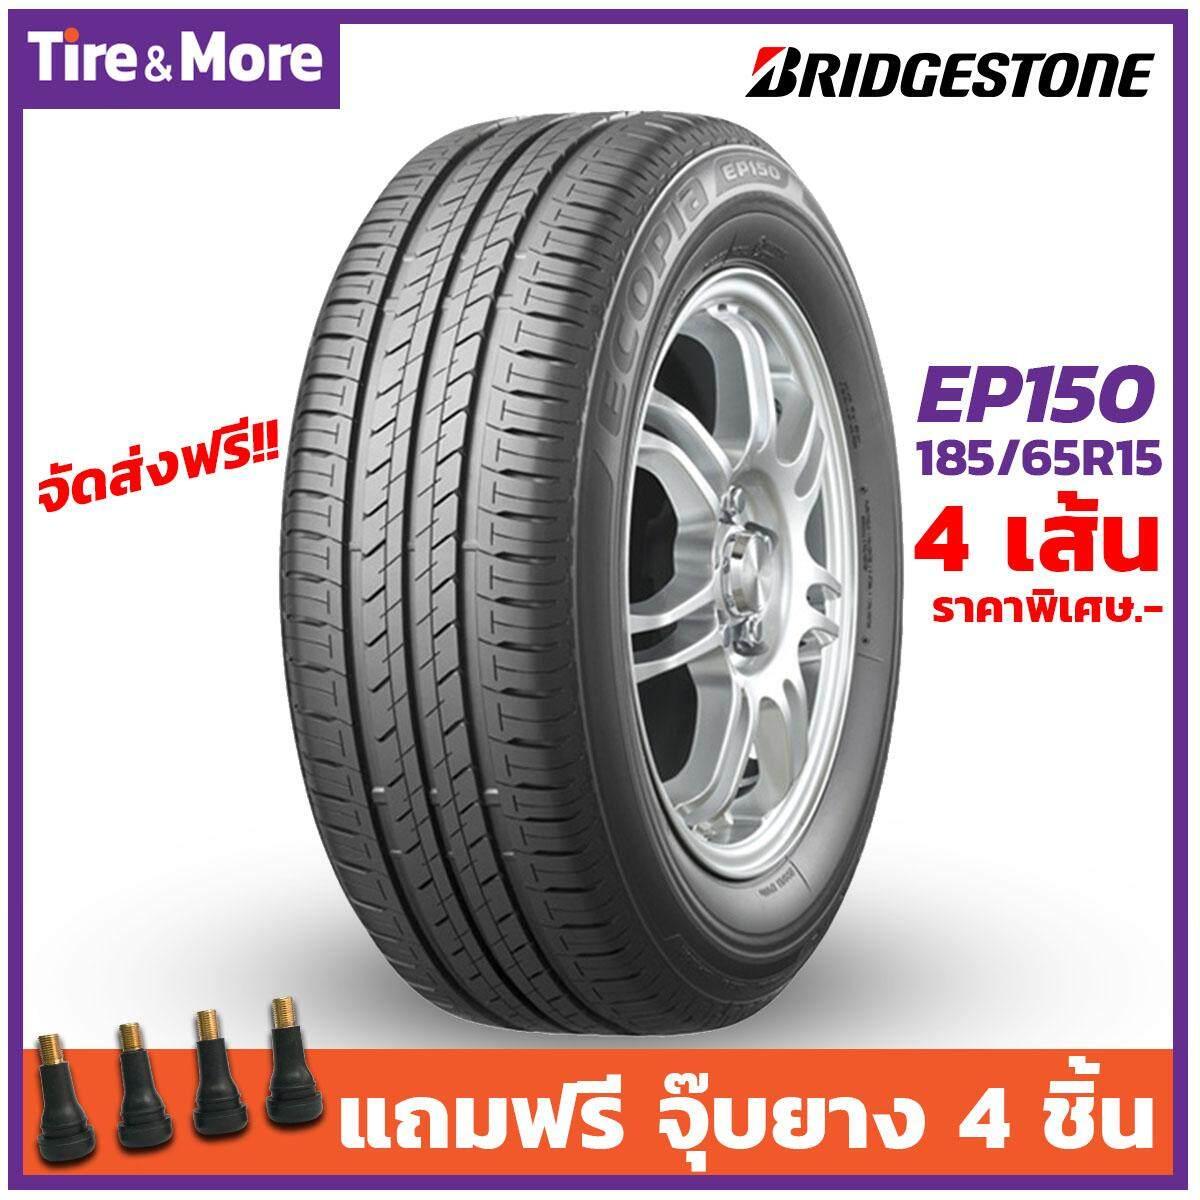 ประกันภัย รถยนต์ 2+ แม่ฮ่องสอน 185/65R15 ยางรถยนต์ Bridgestone EP150 4 เส้น [แถมฟรีจุ๊บลมยาง 4 ชิ้น] บริสโตน